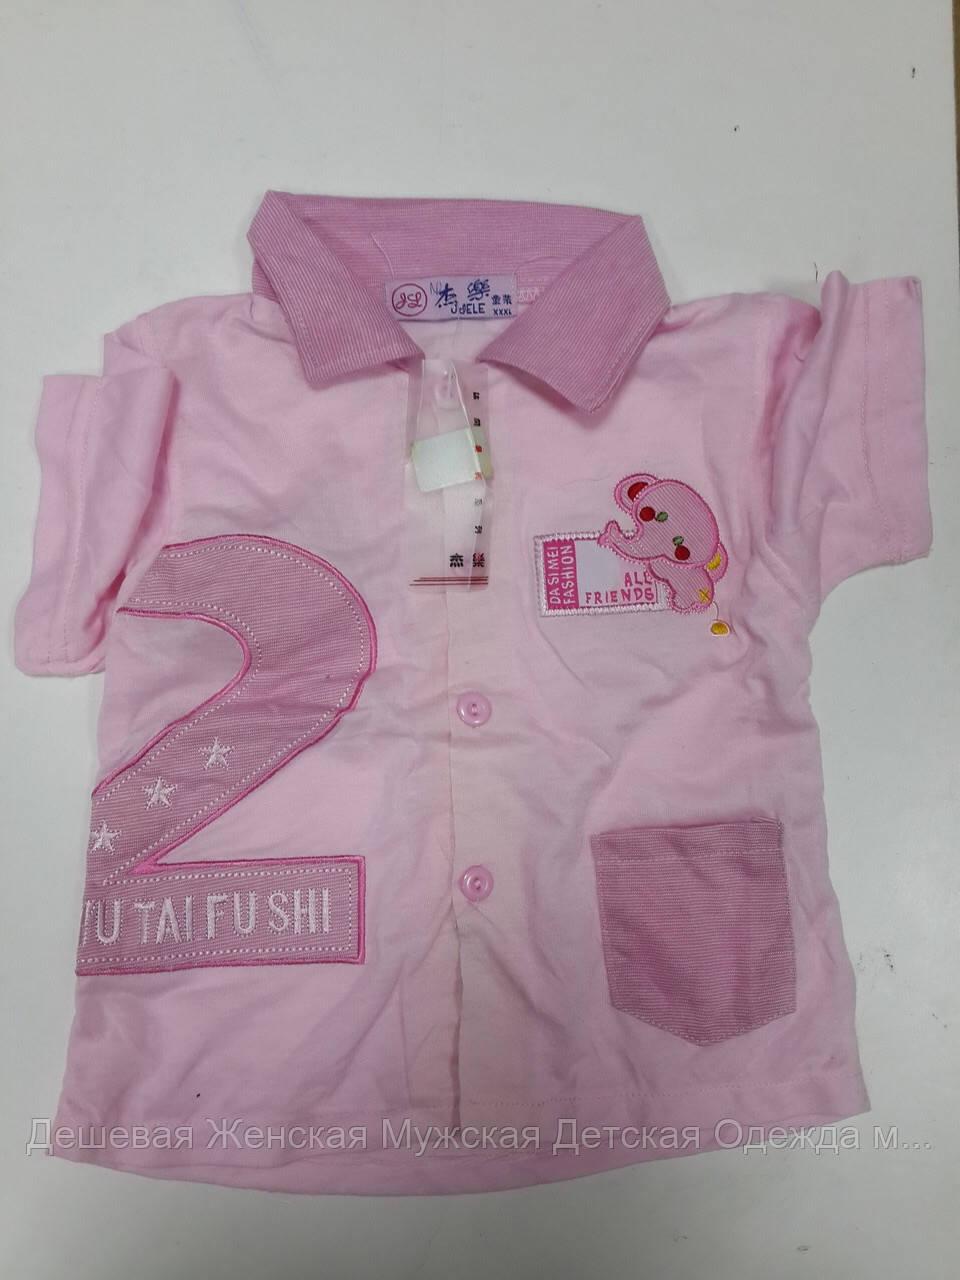 Рубашка детская пижамного плана.Цвет:розовый.Размеры от 1 годика. Мин.заказ 5 ед